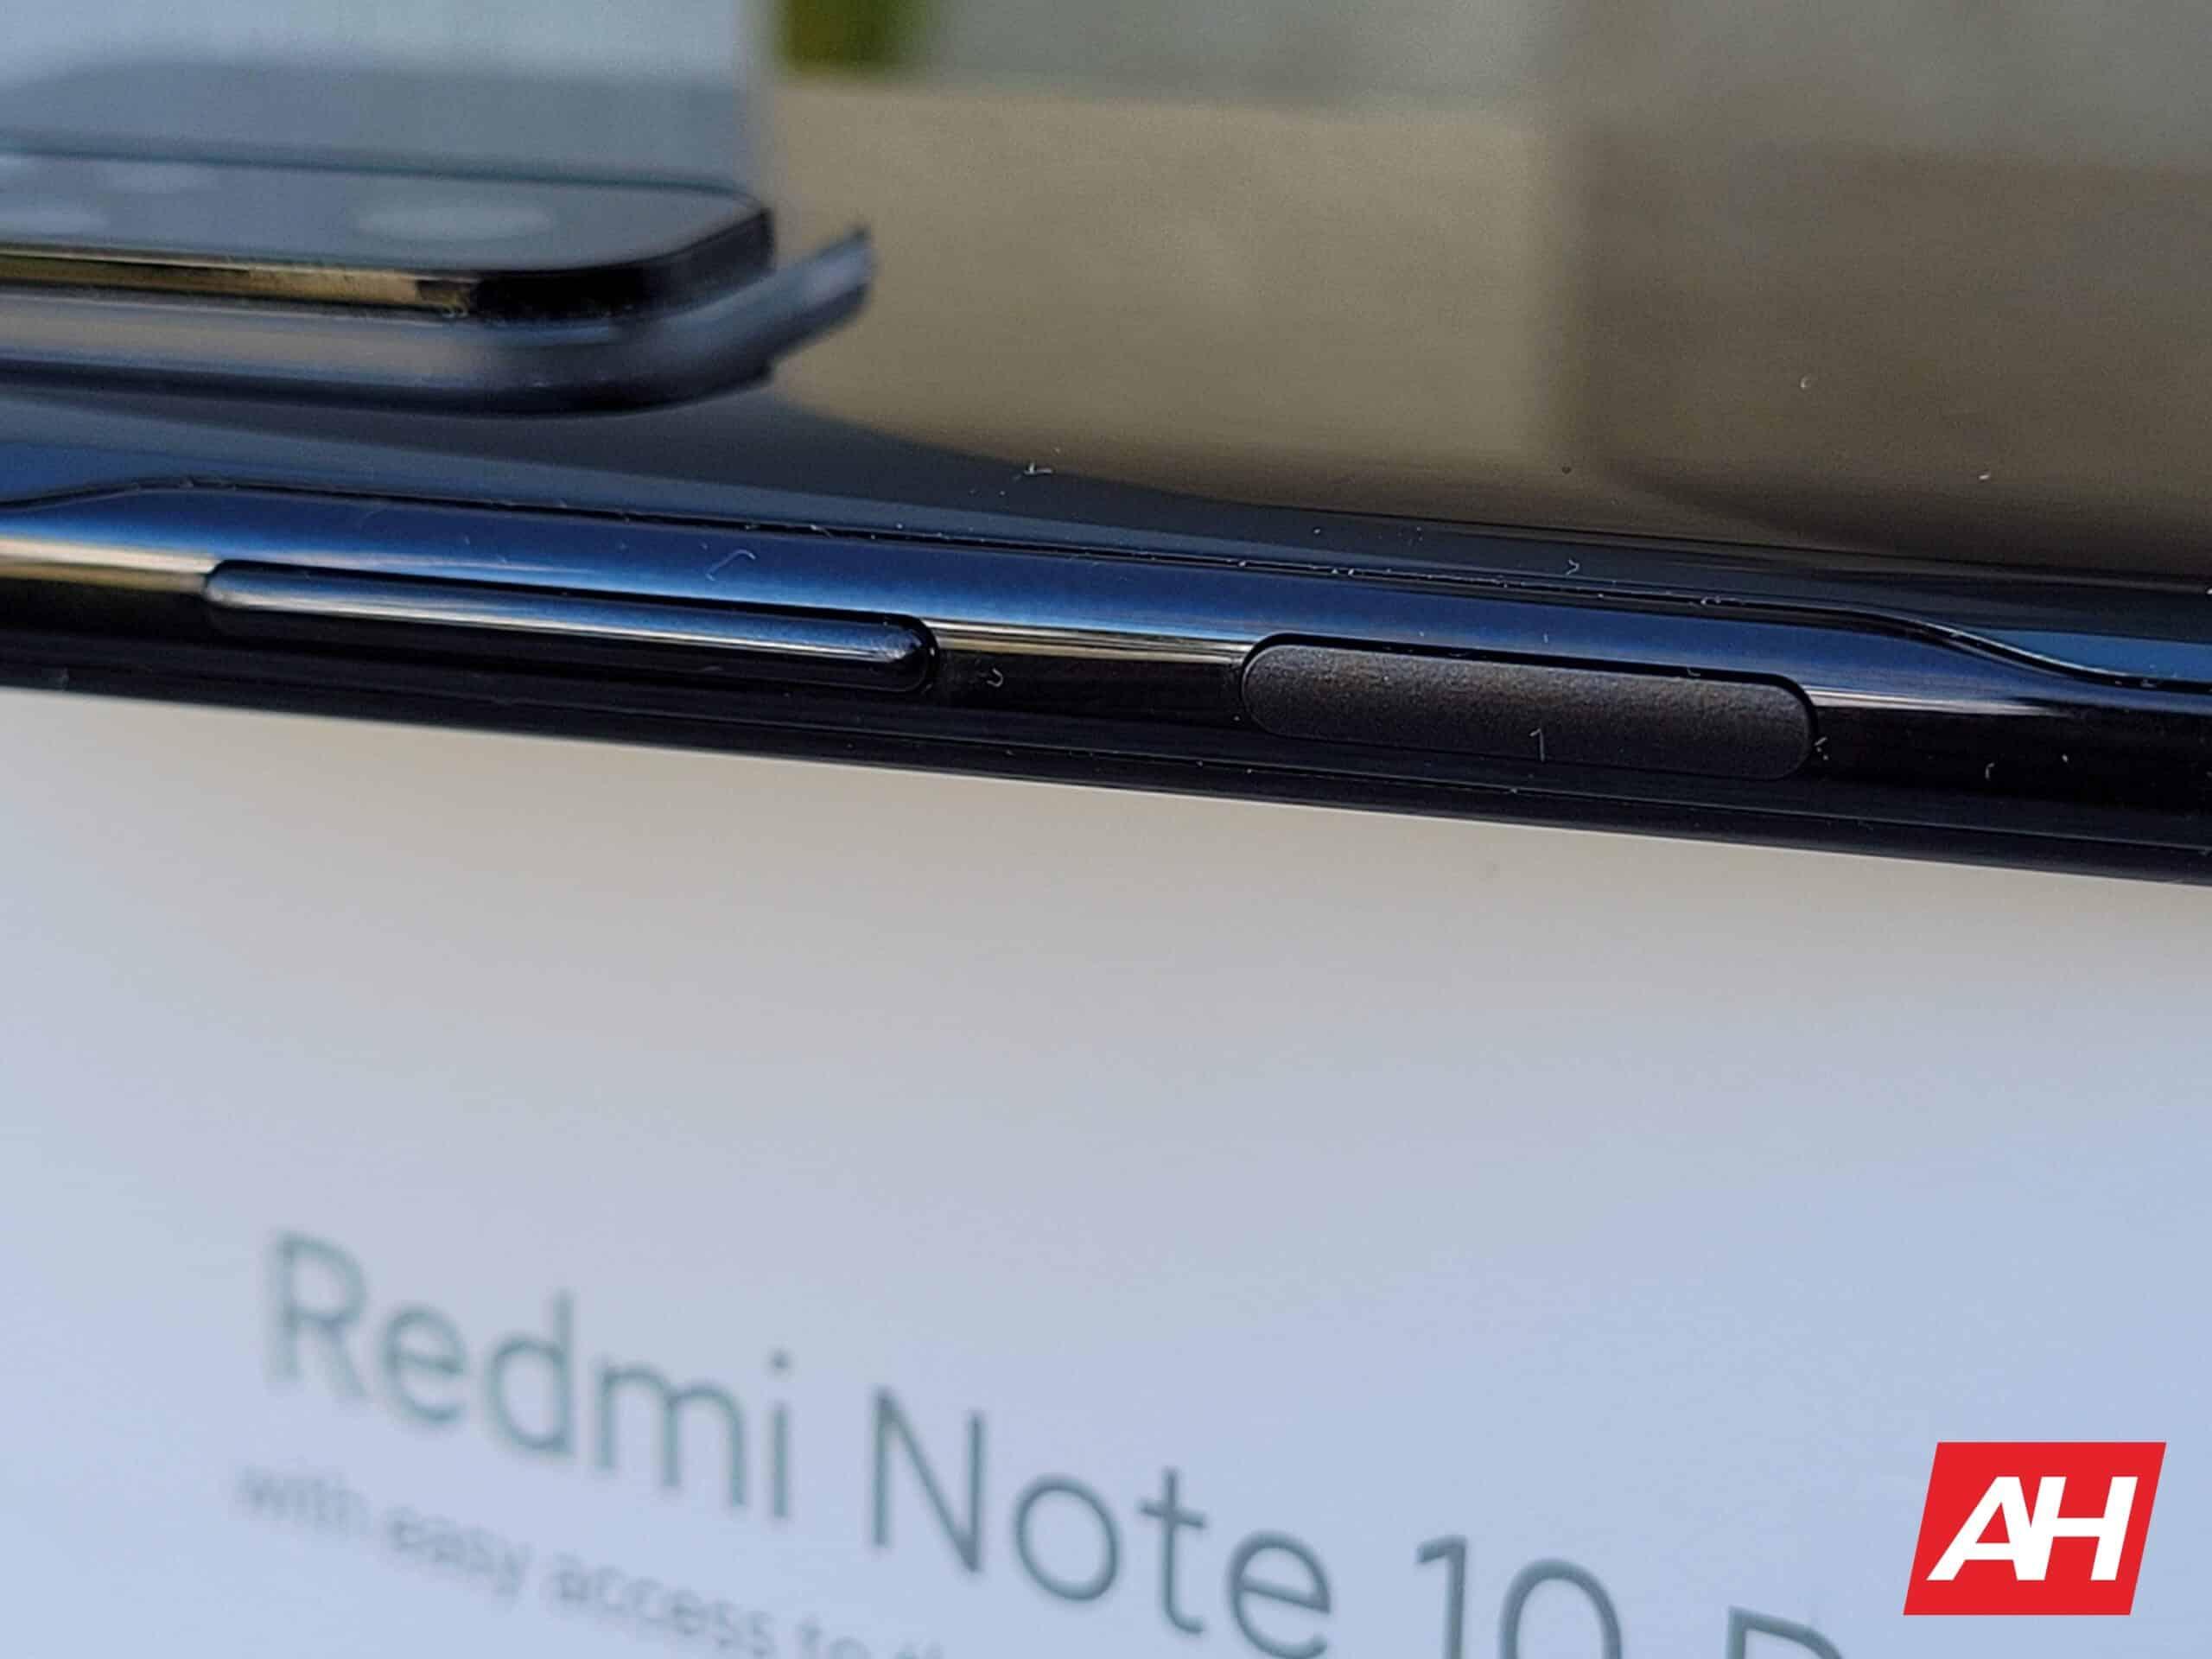 Redmi Note 10 Pro AH HR HW3